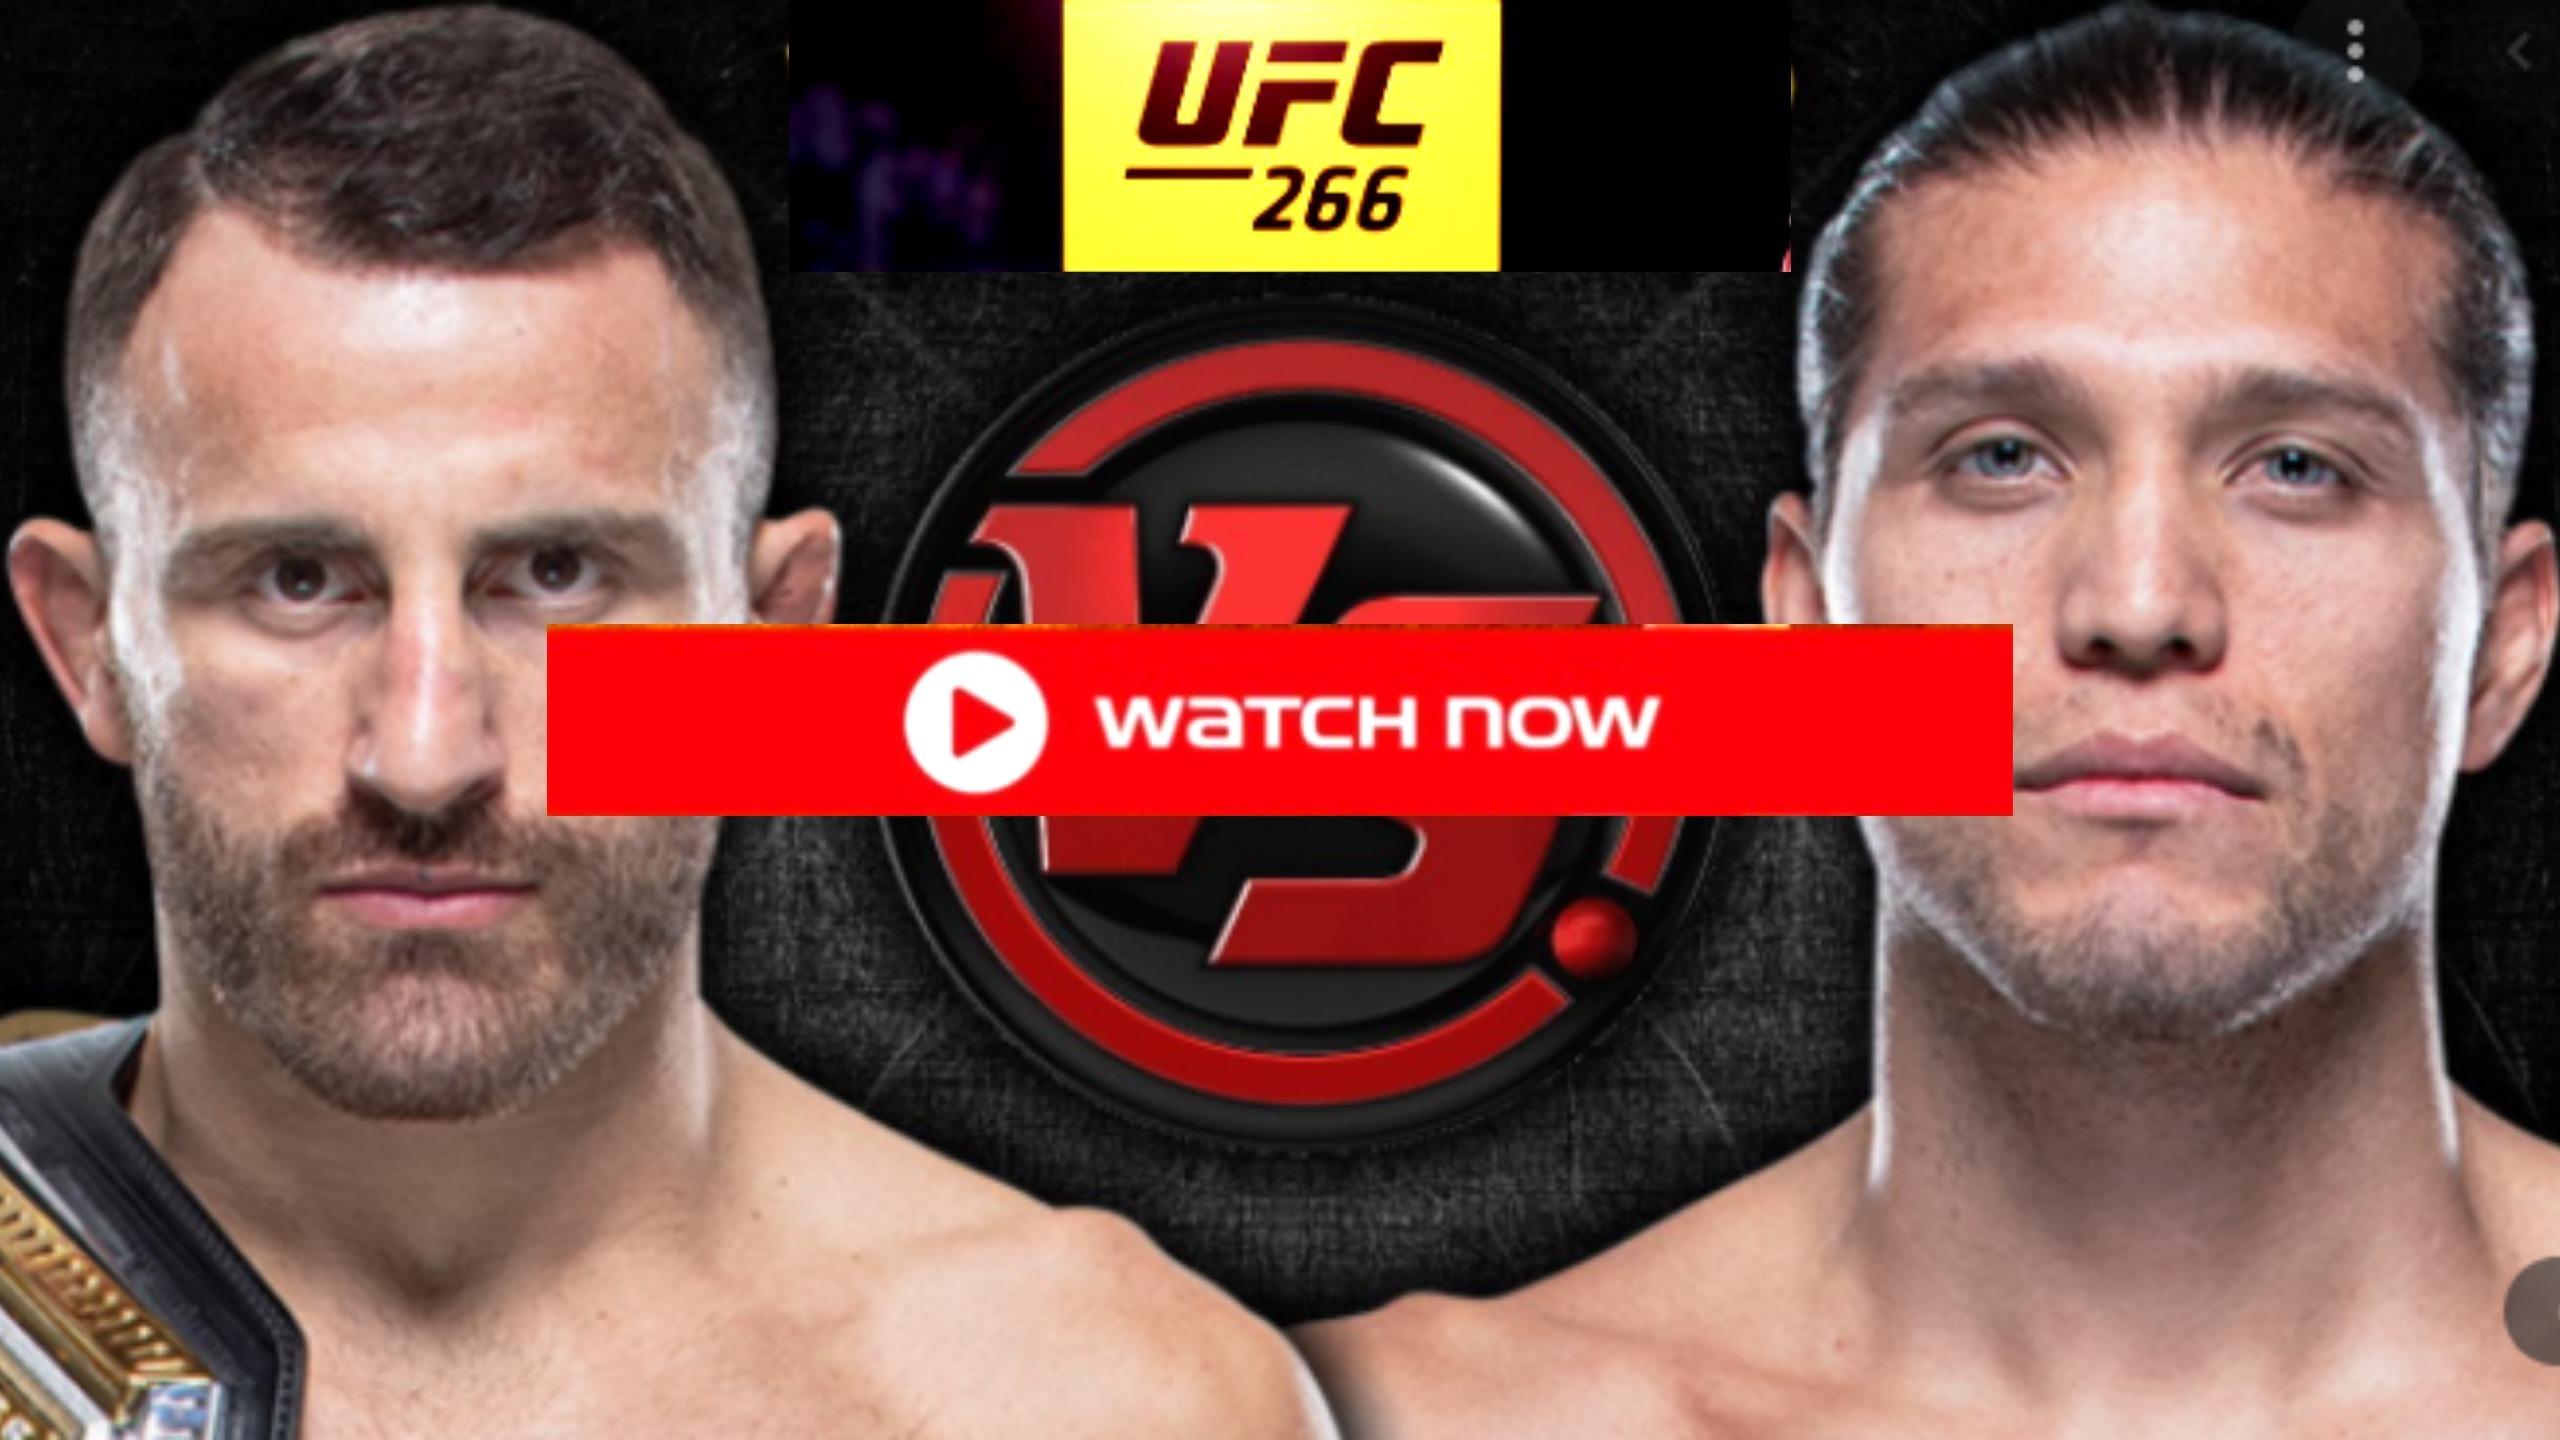 Volkanovski vs Ortega LiVe Stream FrEe (@volkanovskivsortegalivestream) Cover Image